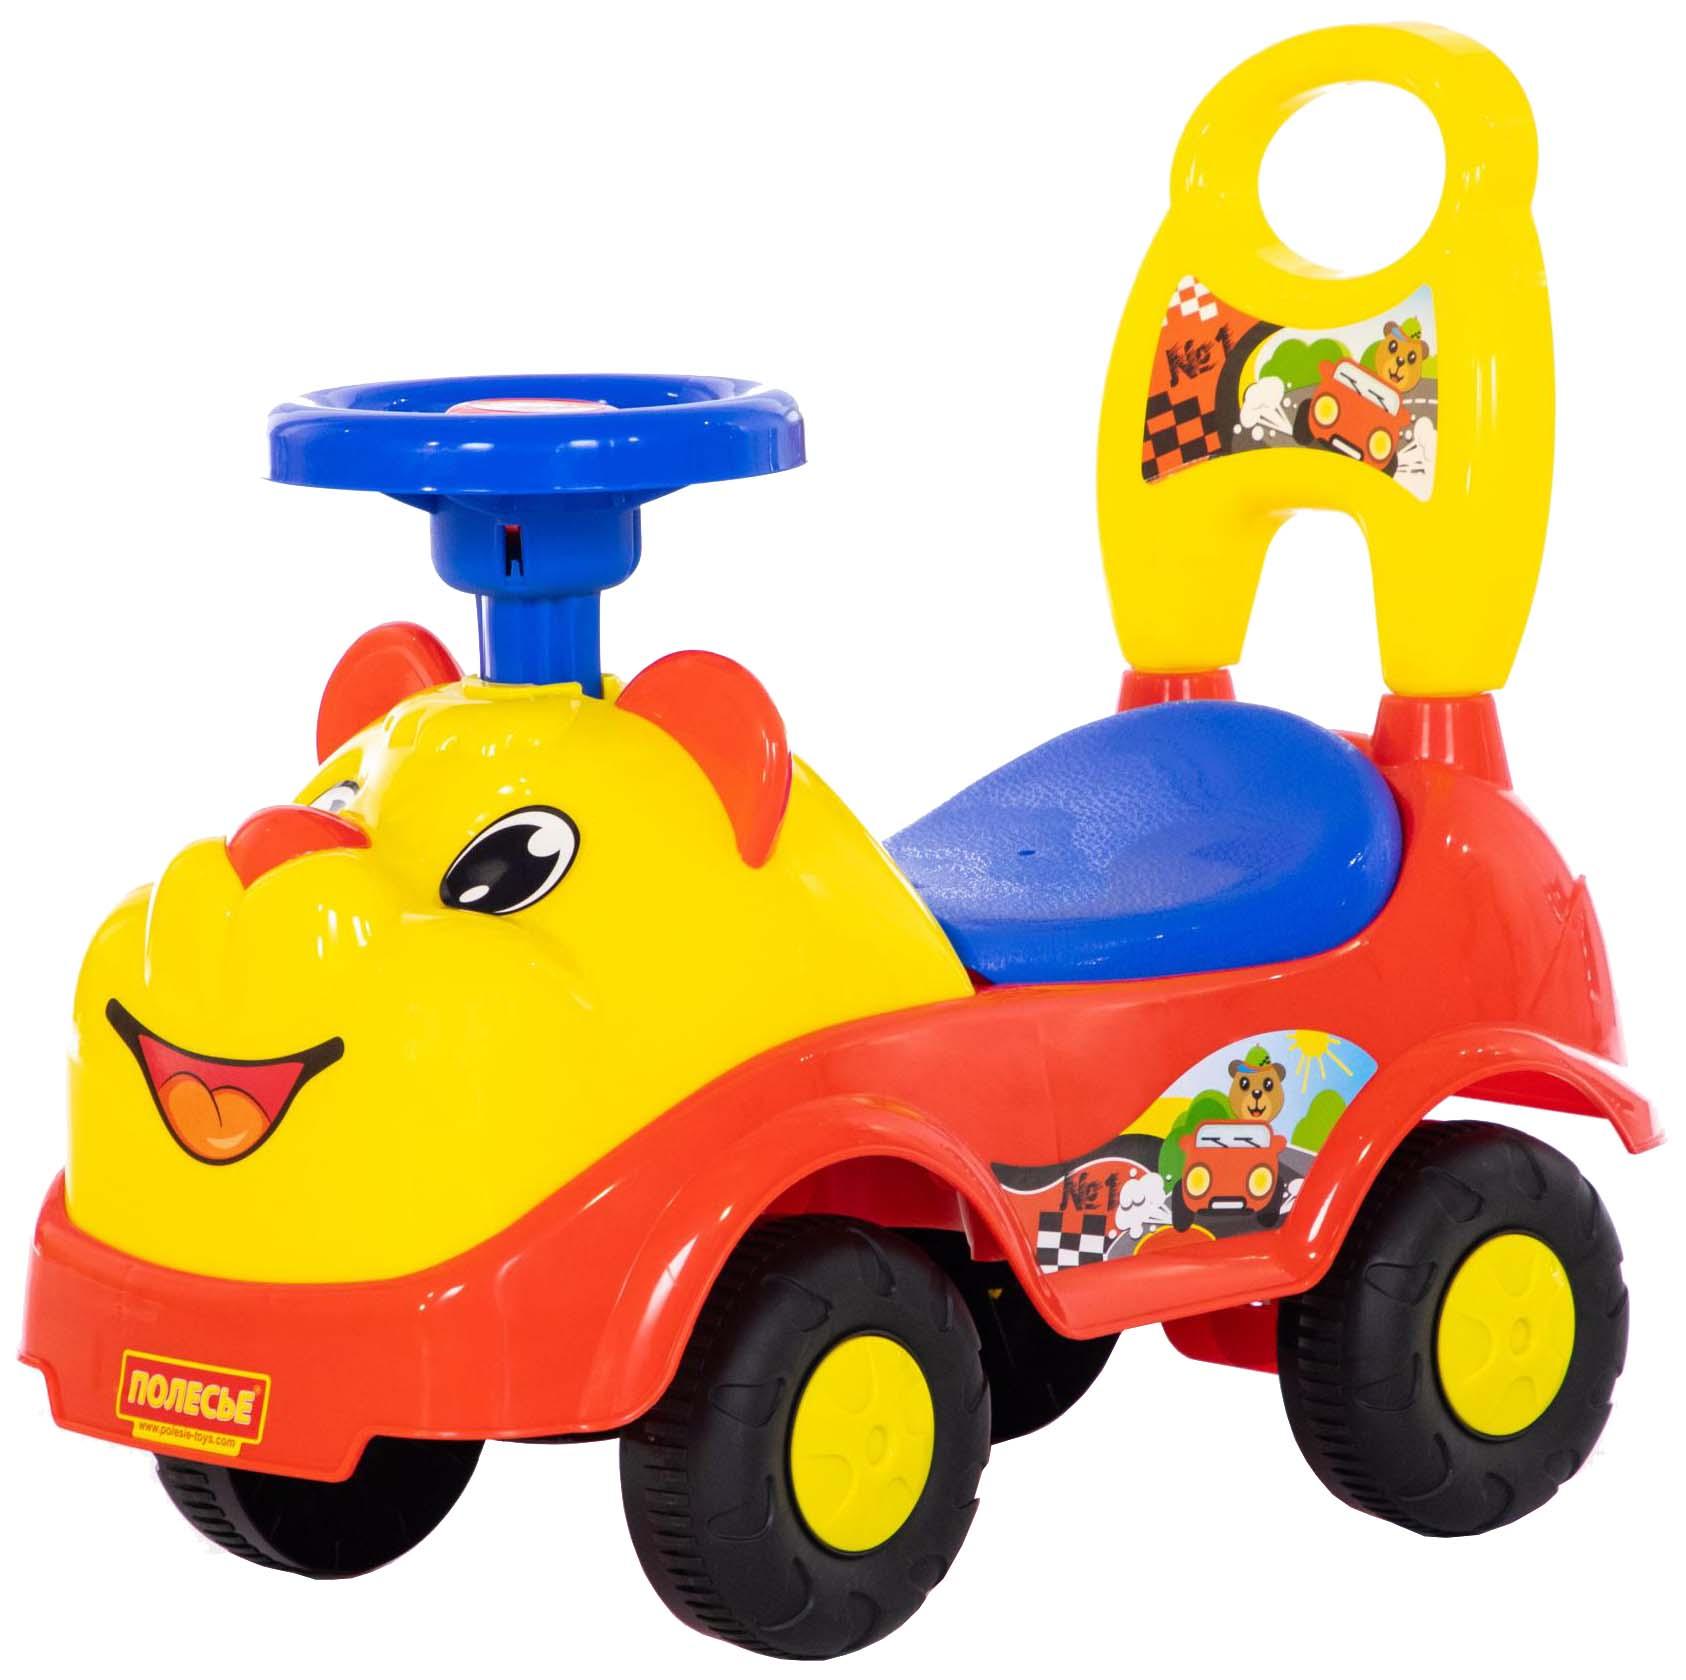 Купить Каталка детская Полесье Машина Мишка, Машинки каталки